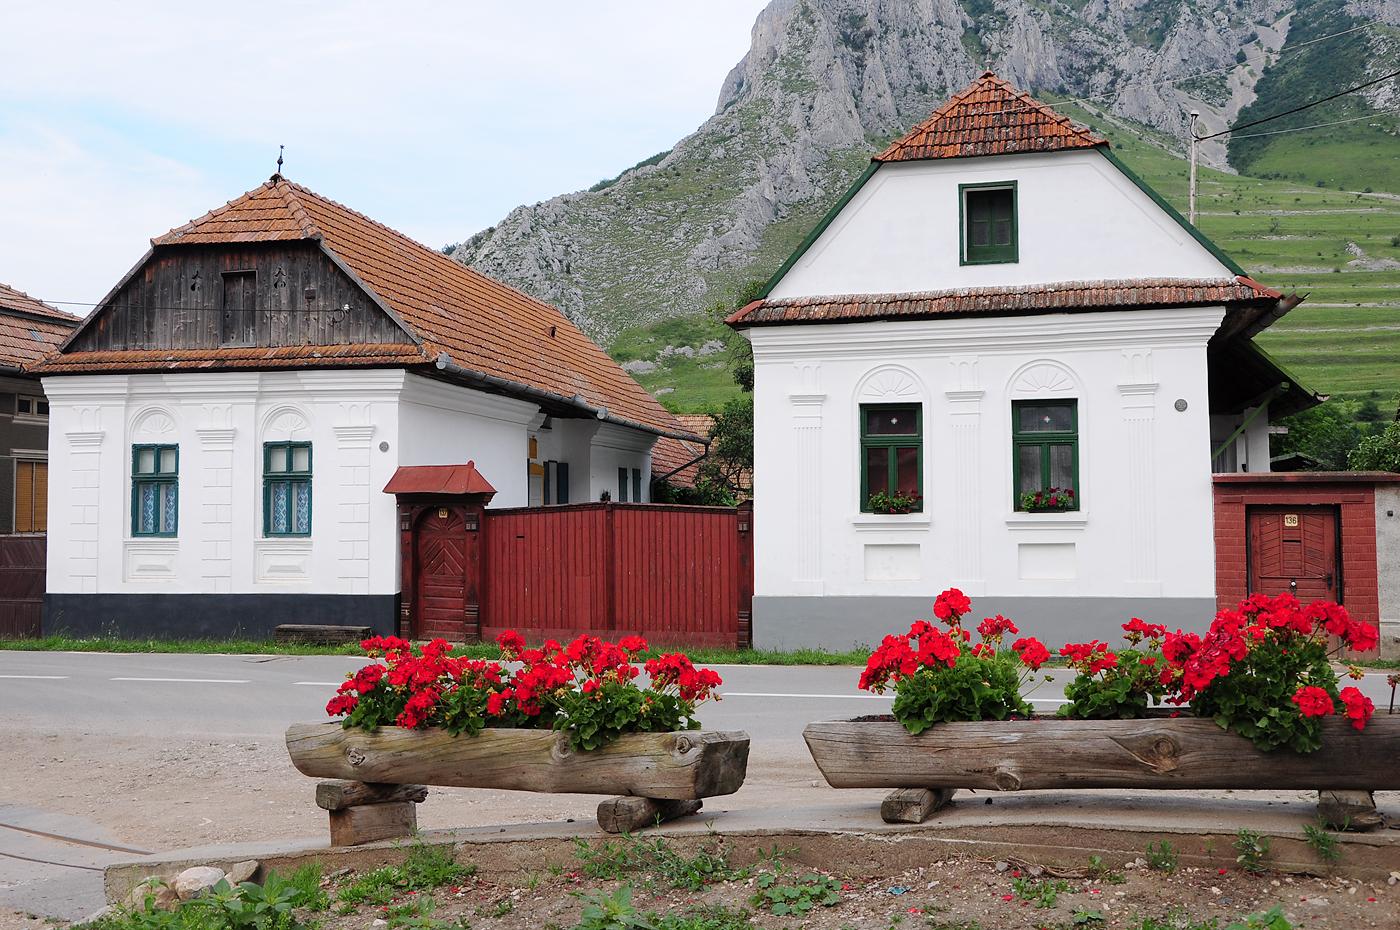 Situl rural Rimetea